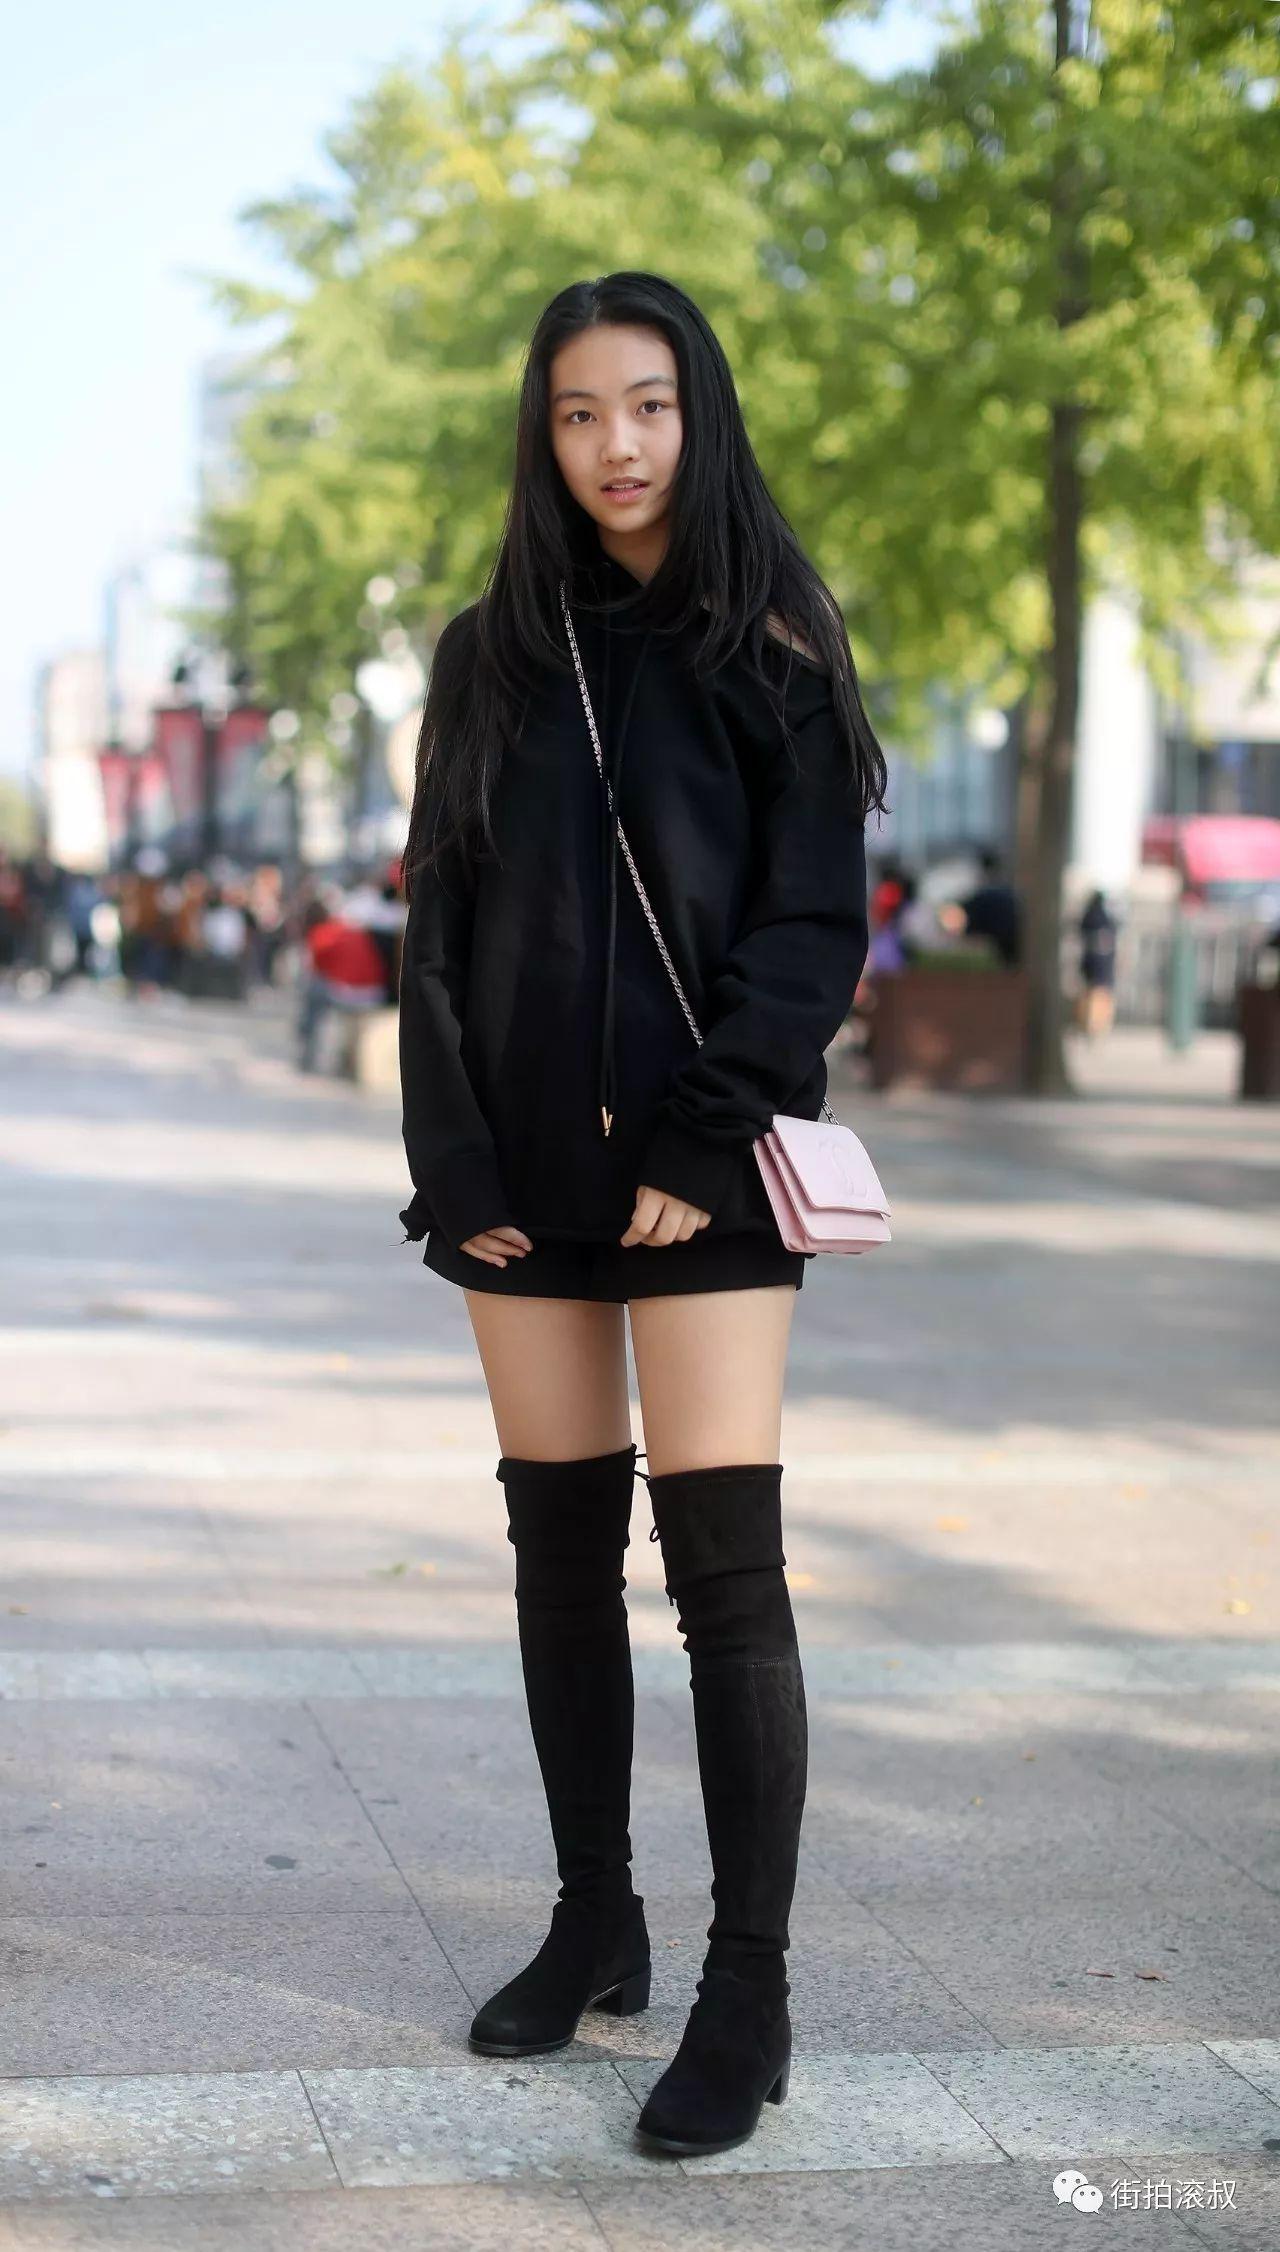 黑色长筒靴搭配_【滚叔街拍】10月28日,阳光那么好,一起来晒晒腿吧! 杭州 ...